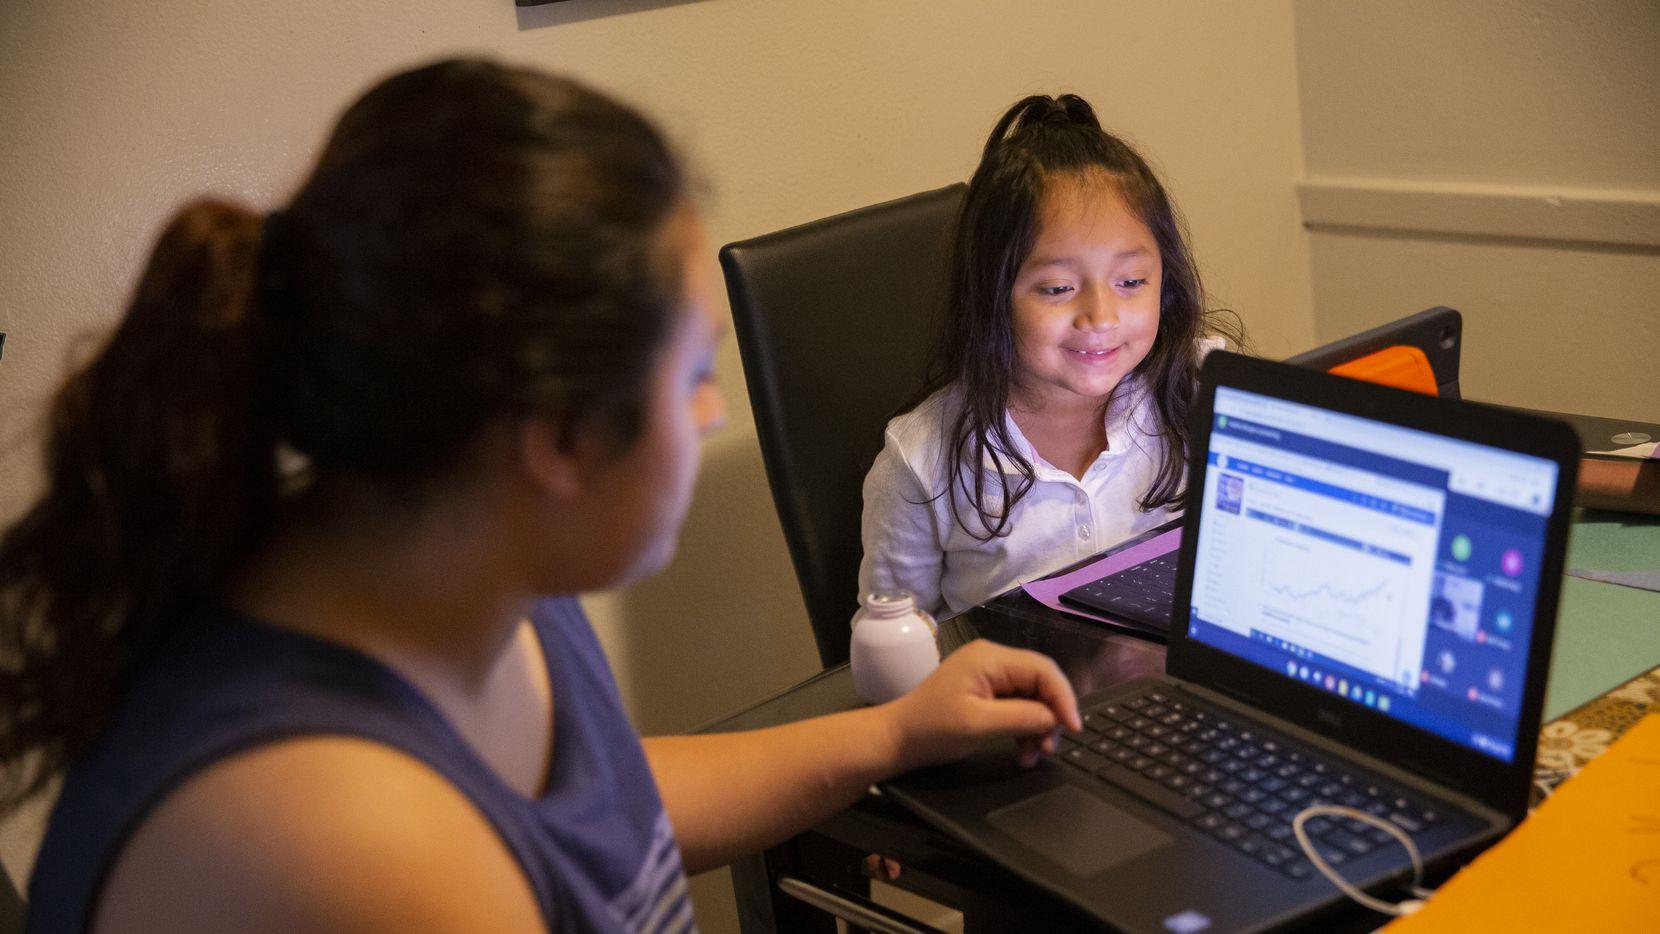 Hebreny Cojulum, de 19 años, ayuda a su hermana Daysha, de 5 años, a concretarse a su clases virtual en septiembre pasado. Las hermanas usan los hotspots de sus celulares luego de tener problemas con los que fueron proporcionados por el DISD.